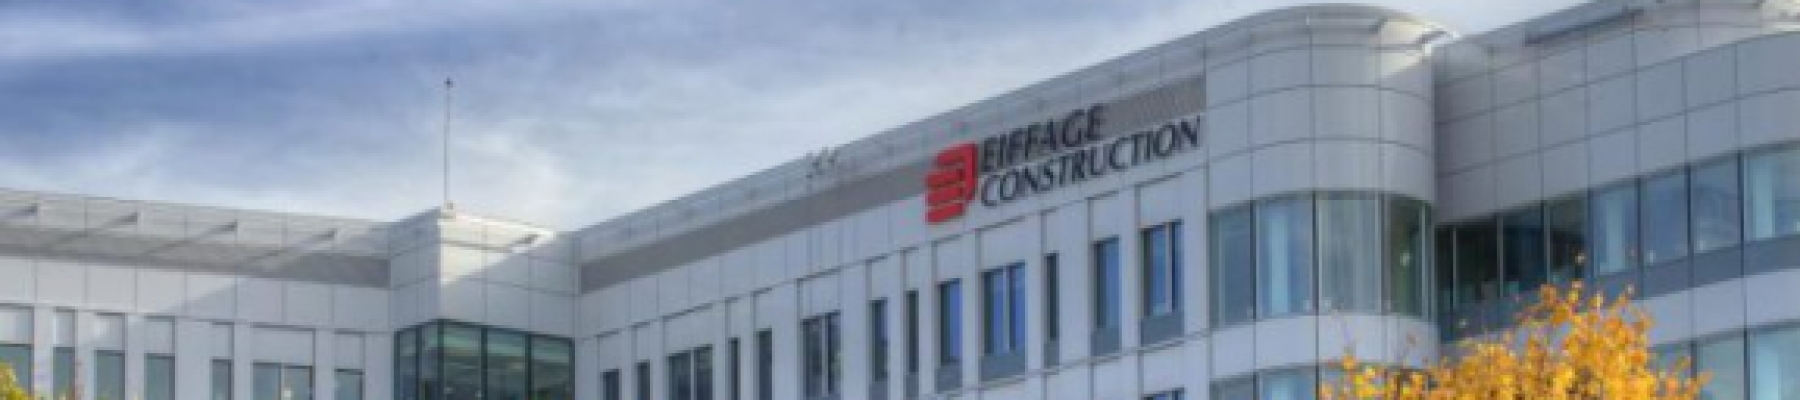 EIFFAGE Construction, des liens privilégiés renouvelés avec l'ESITC Cachan!